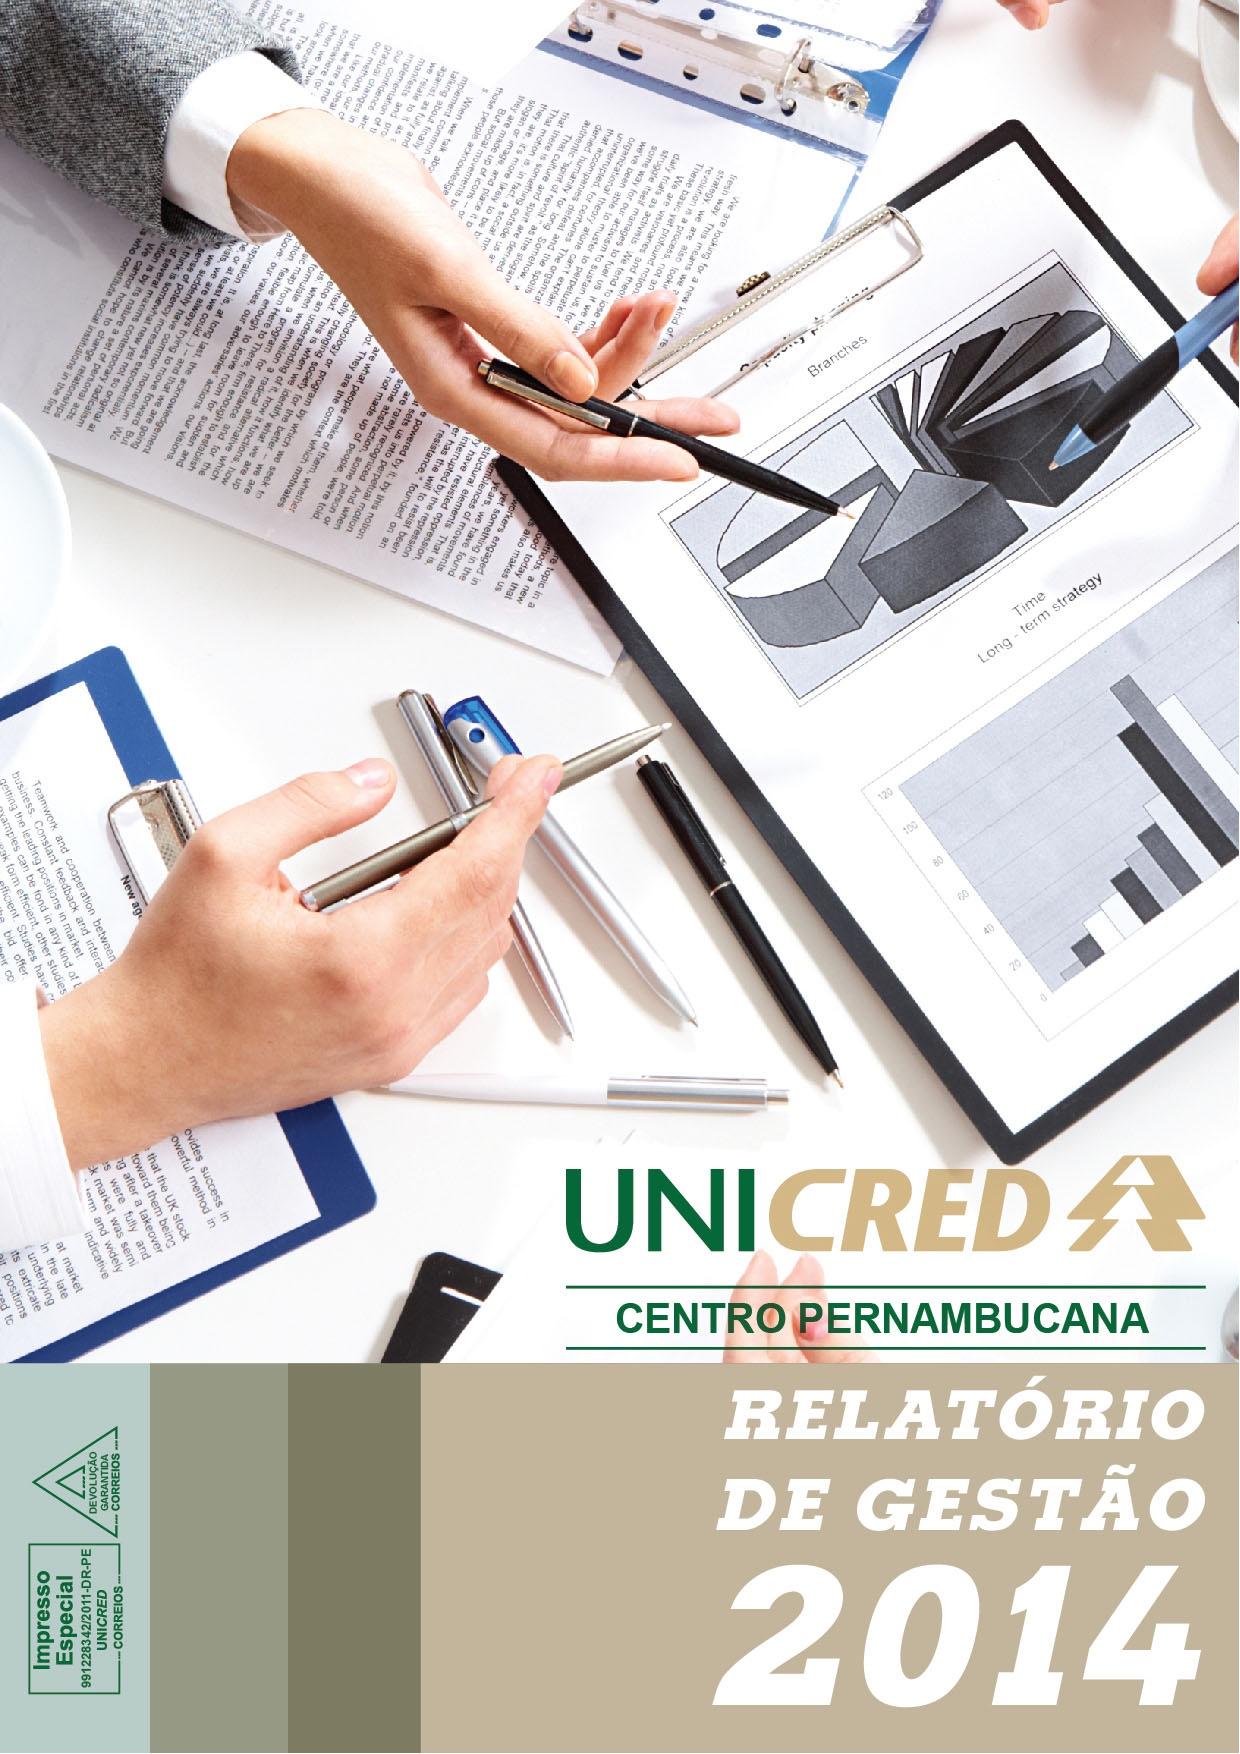 RELATÓRIO DE GESTAO 2013